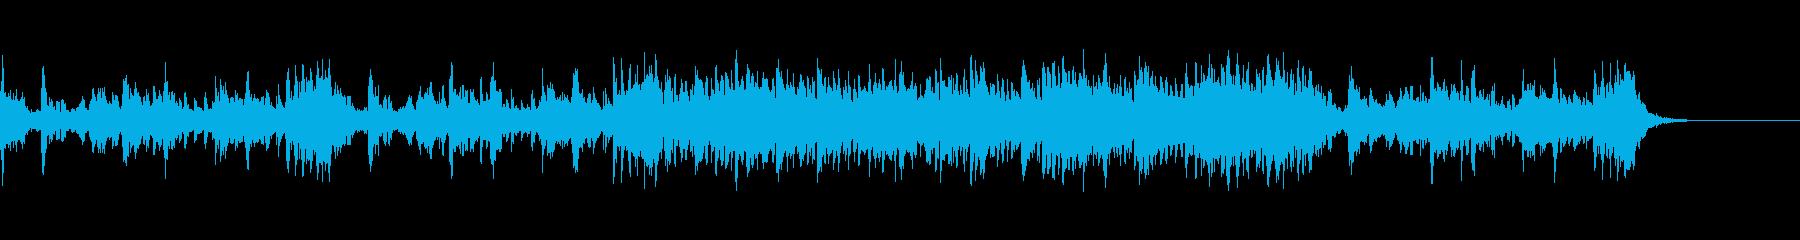 軍事ゲーム戦闘曲の再生済みの波形